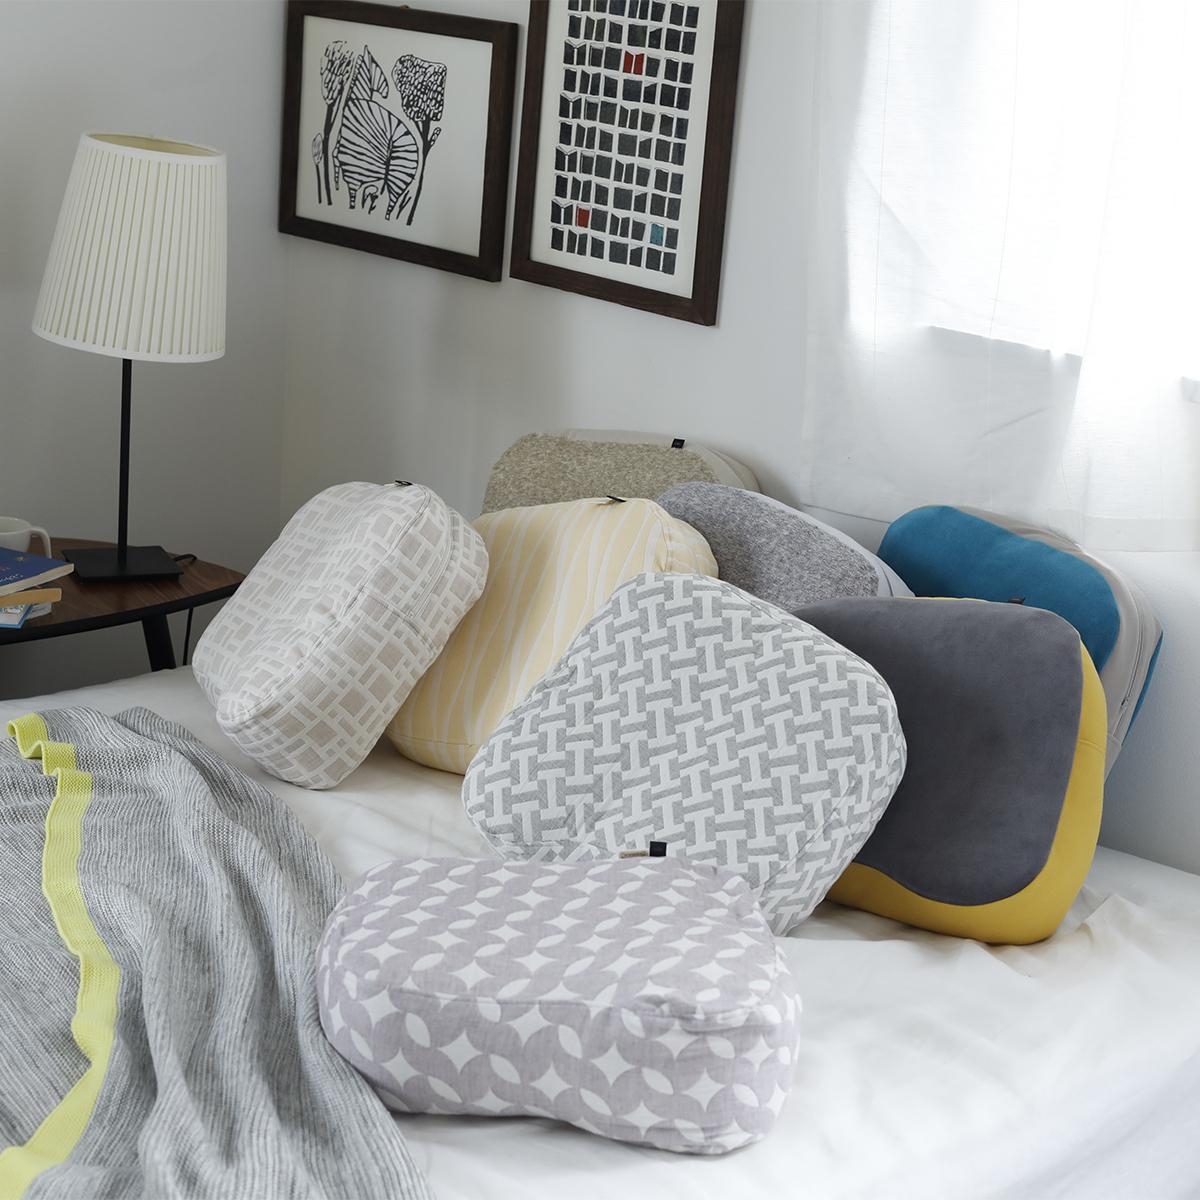 """至福の""""ダラダラ時間"""" 《SEINOベロアニット 枕&カバー》横向き寝の姿勢をサポート、スマホや本がラクに読める「ふんわりピロー」 HONTO"""